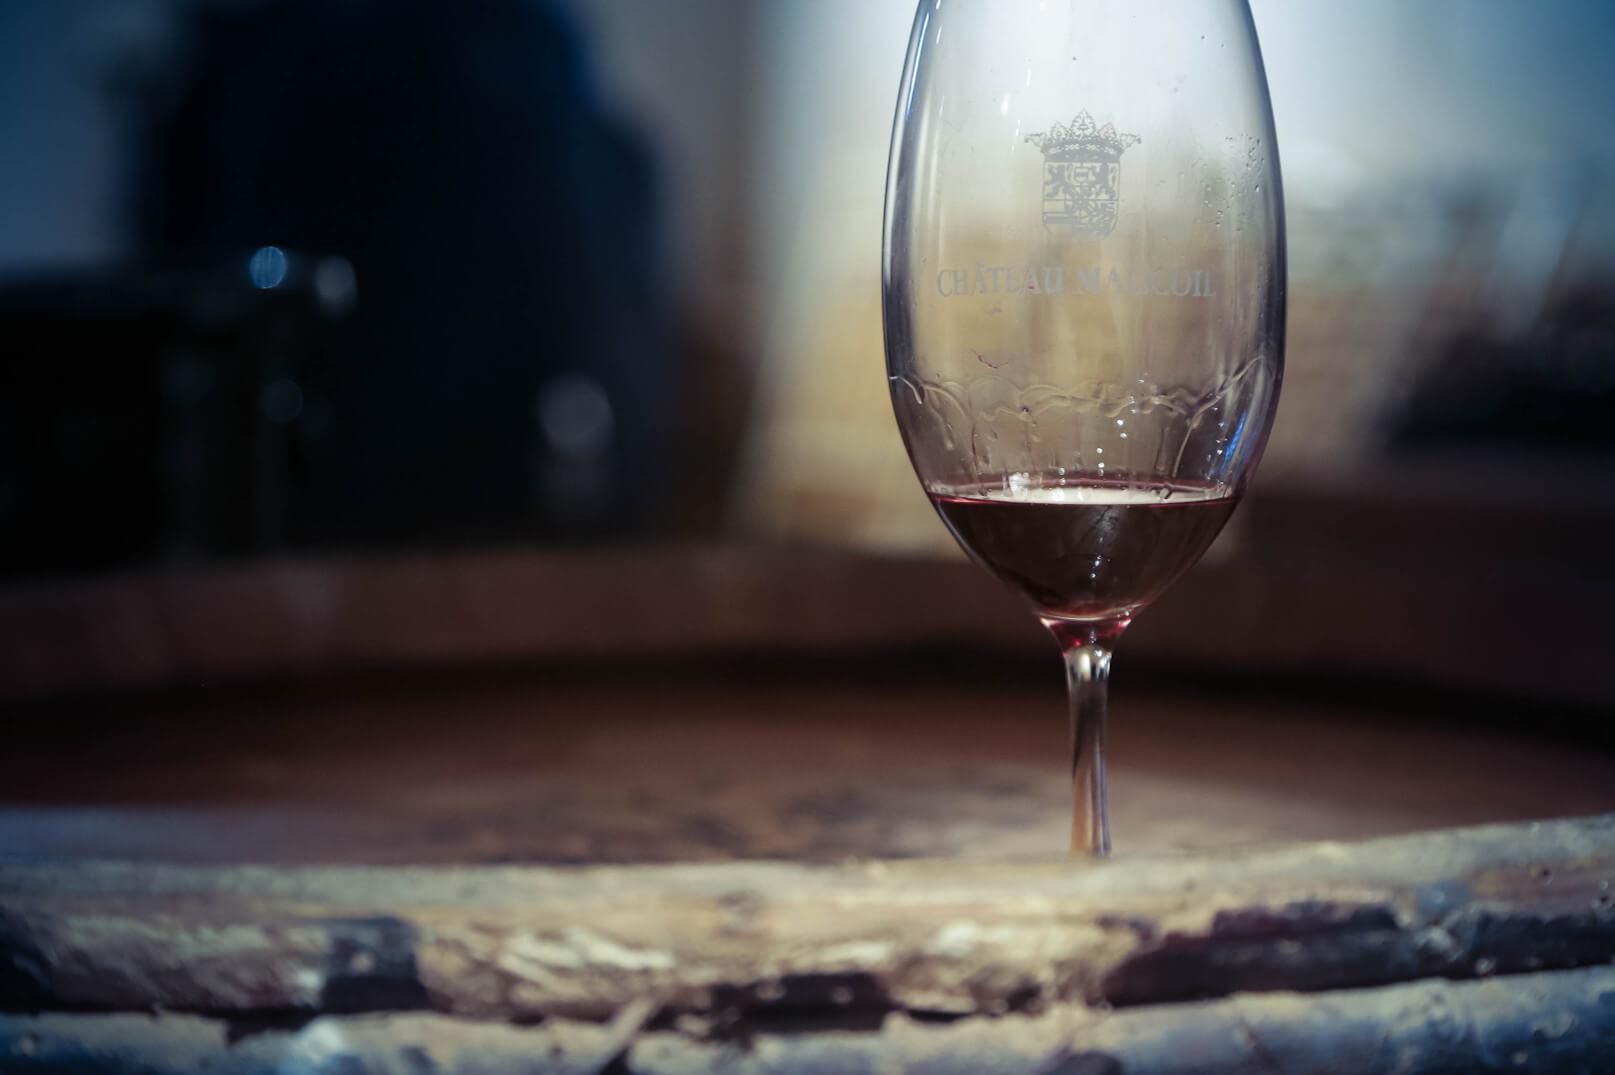 Taller de creación de vino en Châteauneuf-du-Pape